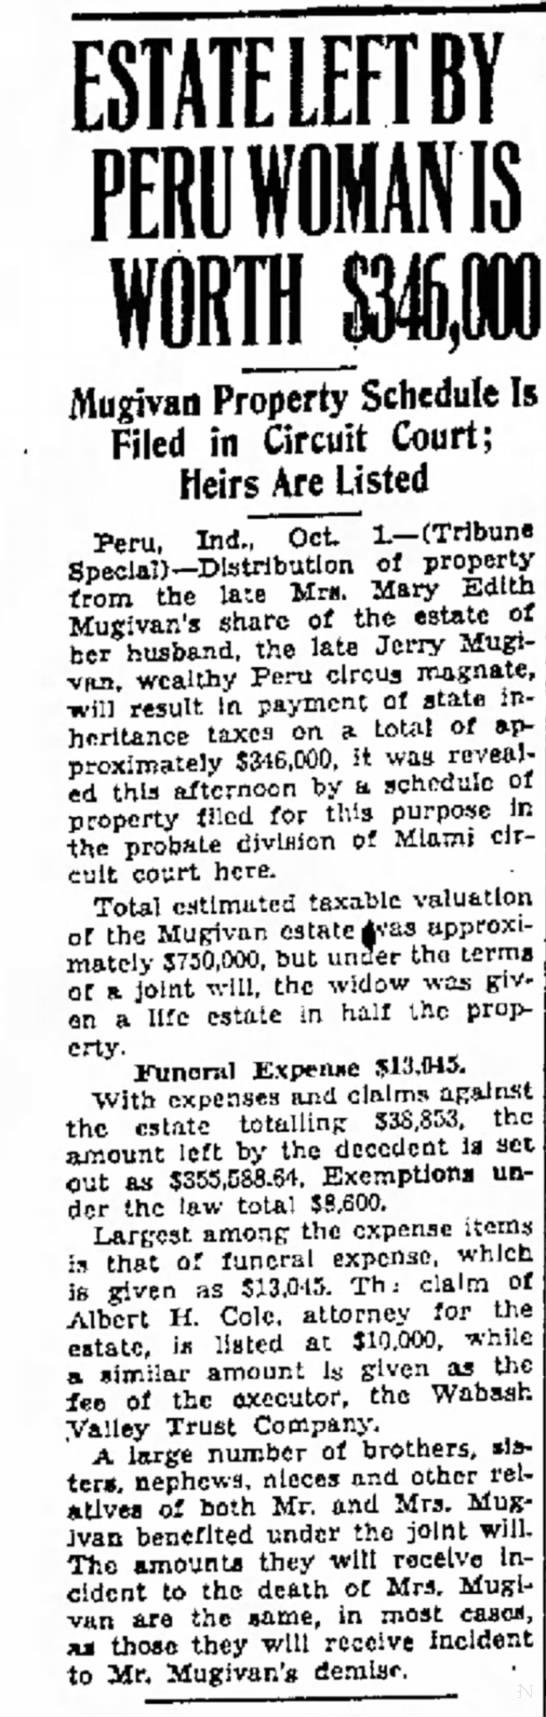 Mugivan Estate 10-2-1937 - ESTATE LEFTBY Pfl I Alugivan Property Schedule...